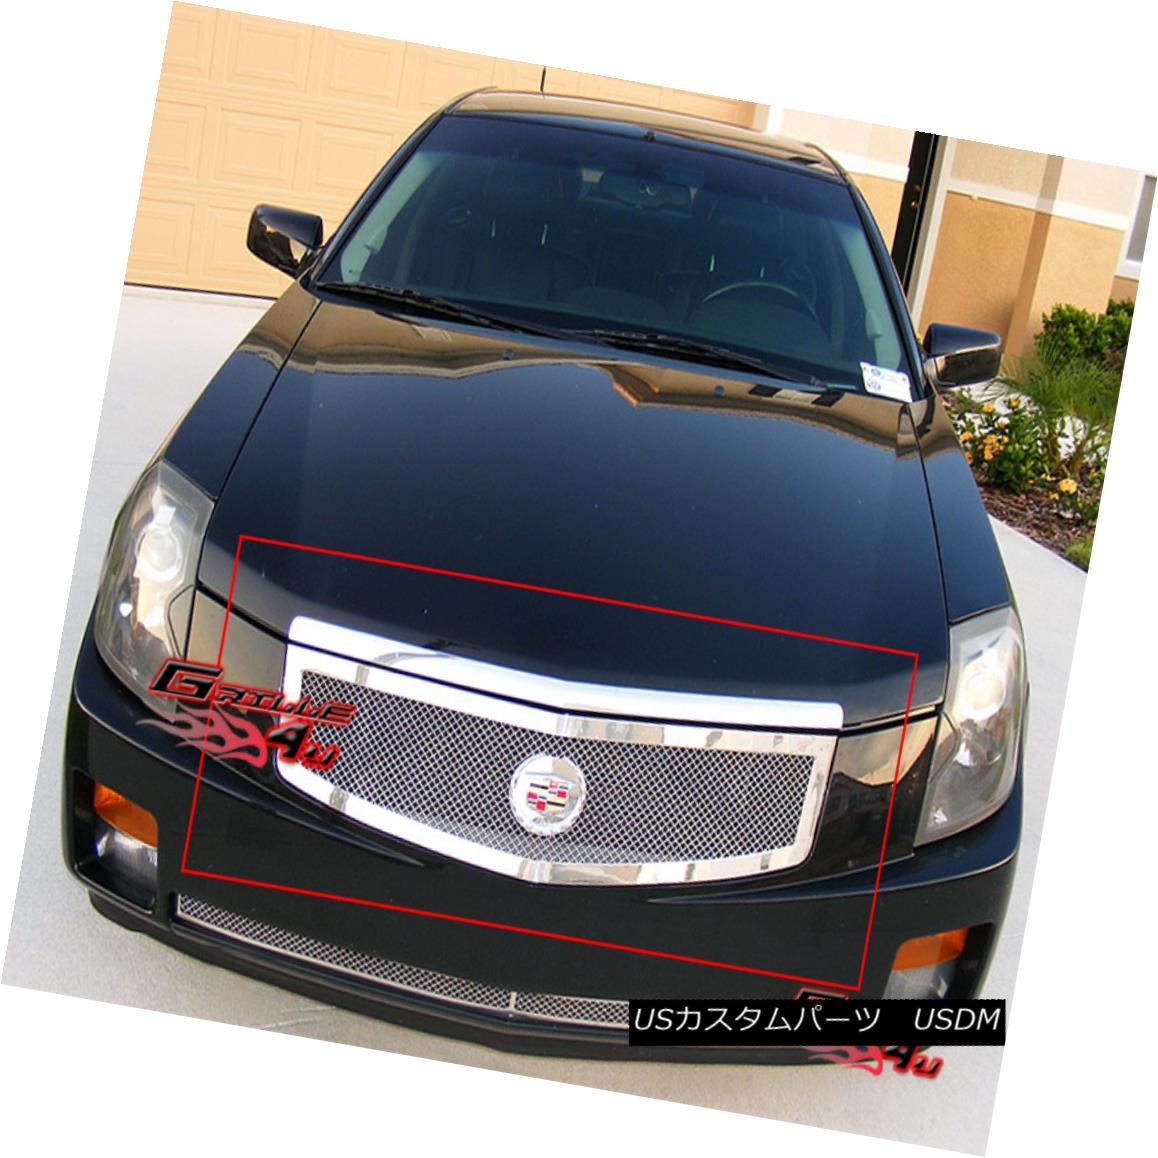 グリル Fits 2003-2007 Cadillac CTS Stainless Mesh Grille Insert フィット2003-2007キャデラックCTSステンレスメッシュグリルインサート